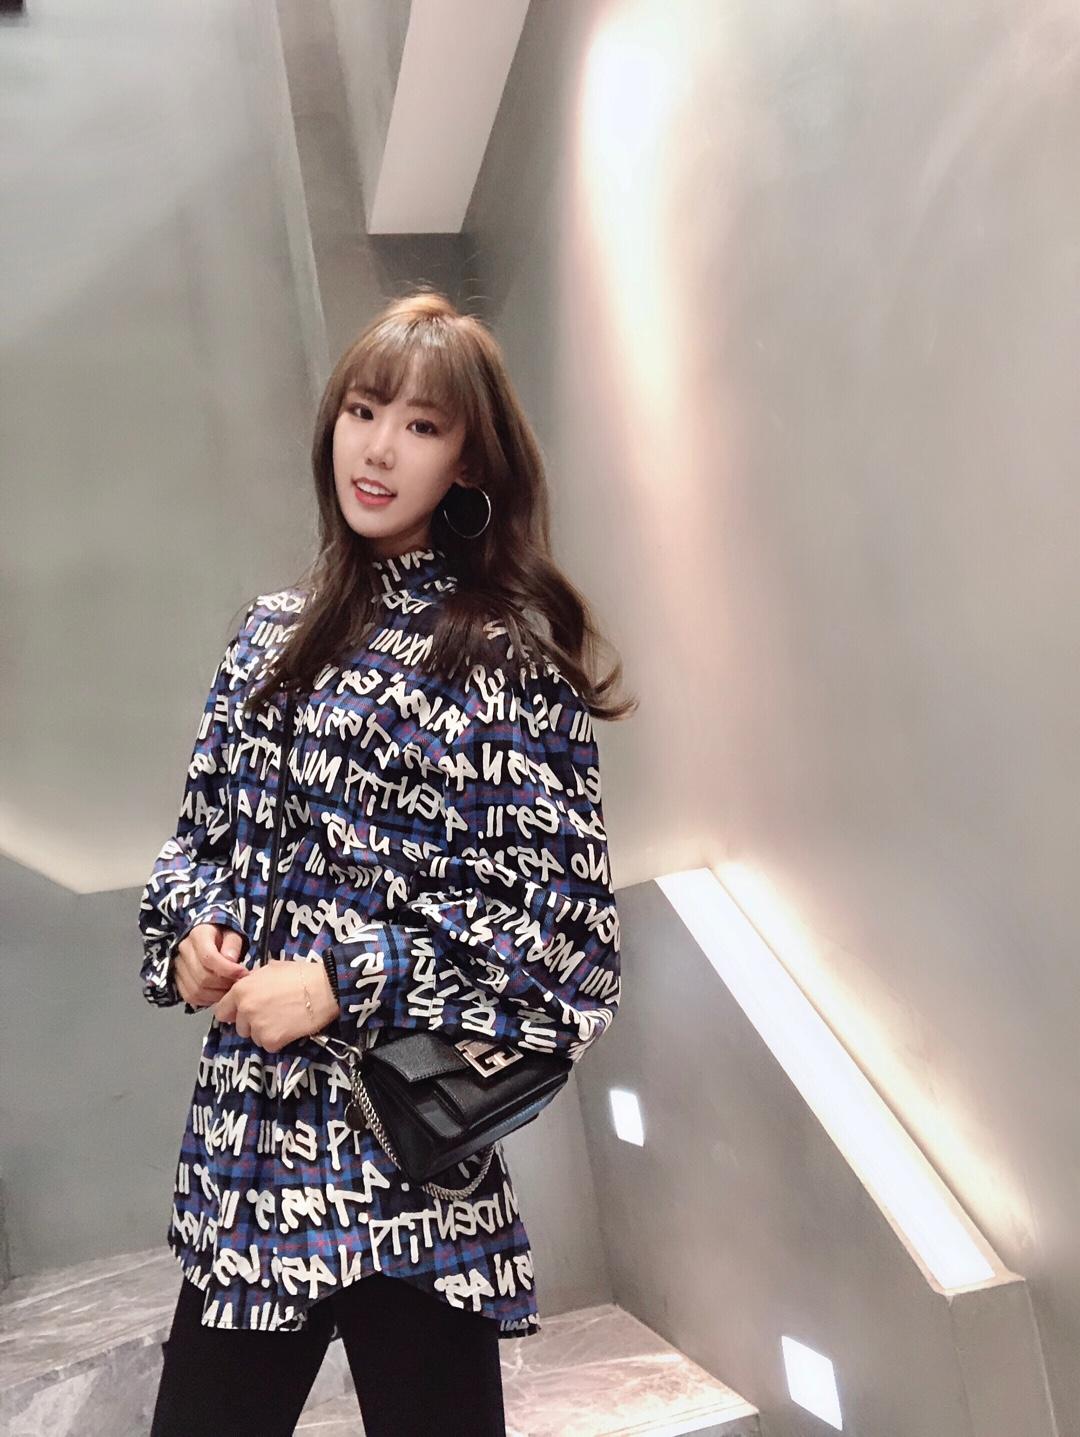 吹爆MSGM这件衬衣,男女同穿酷酷的那种哦,走在街上被好几个人问牌子👉🏻这个Givenchy包我朋友从英国给我买来是小号的,我自己又在香港买重了天呐怎么办?好好看!经典百搭日常出街利器!#早春流行色品牌新品预览#今天是有点酷但还是你们温柔的仙女奈子哟